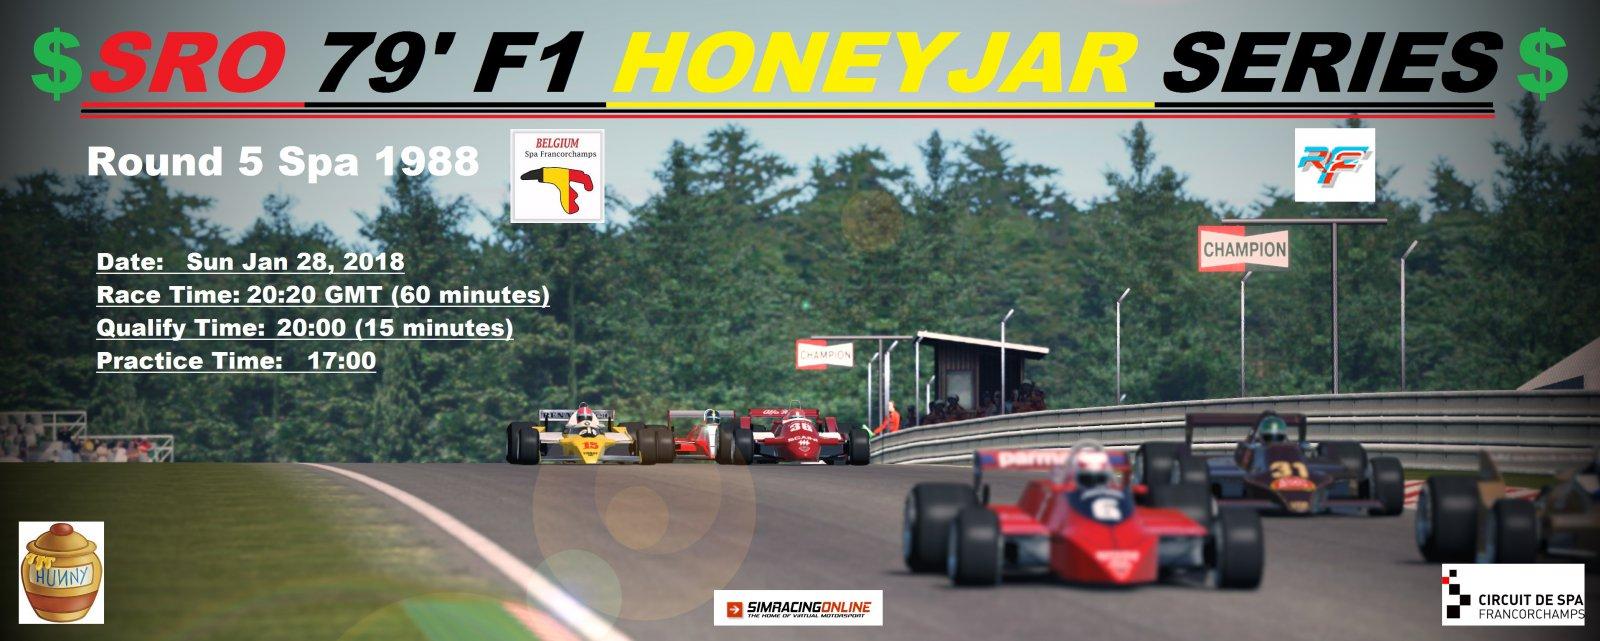 A1 Spa rf2 banner.jpg